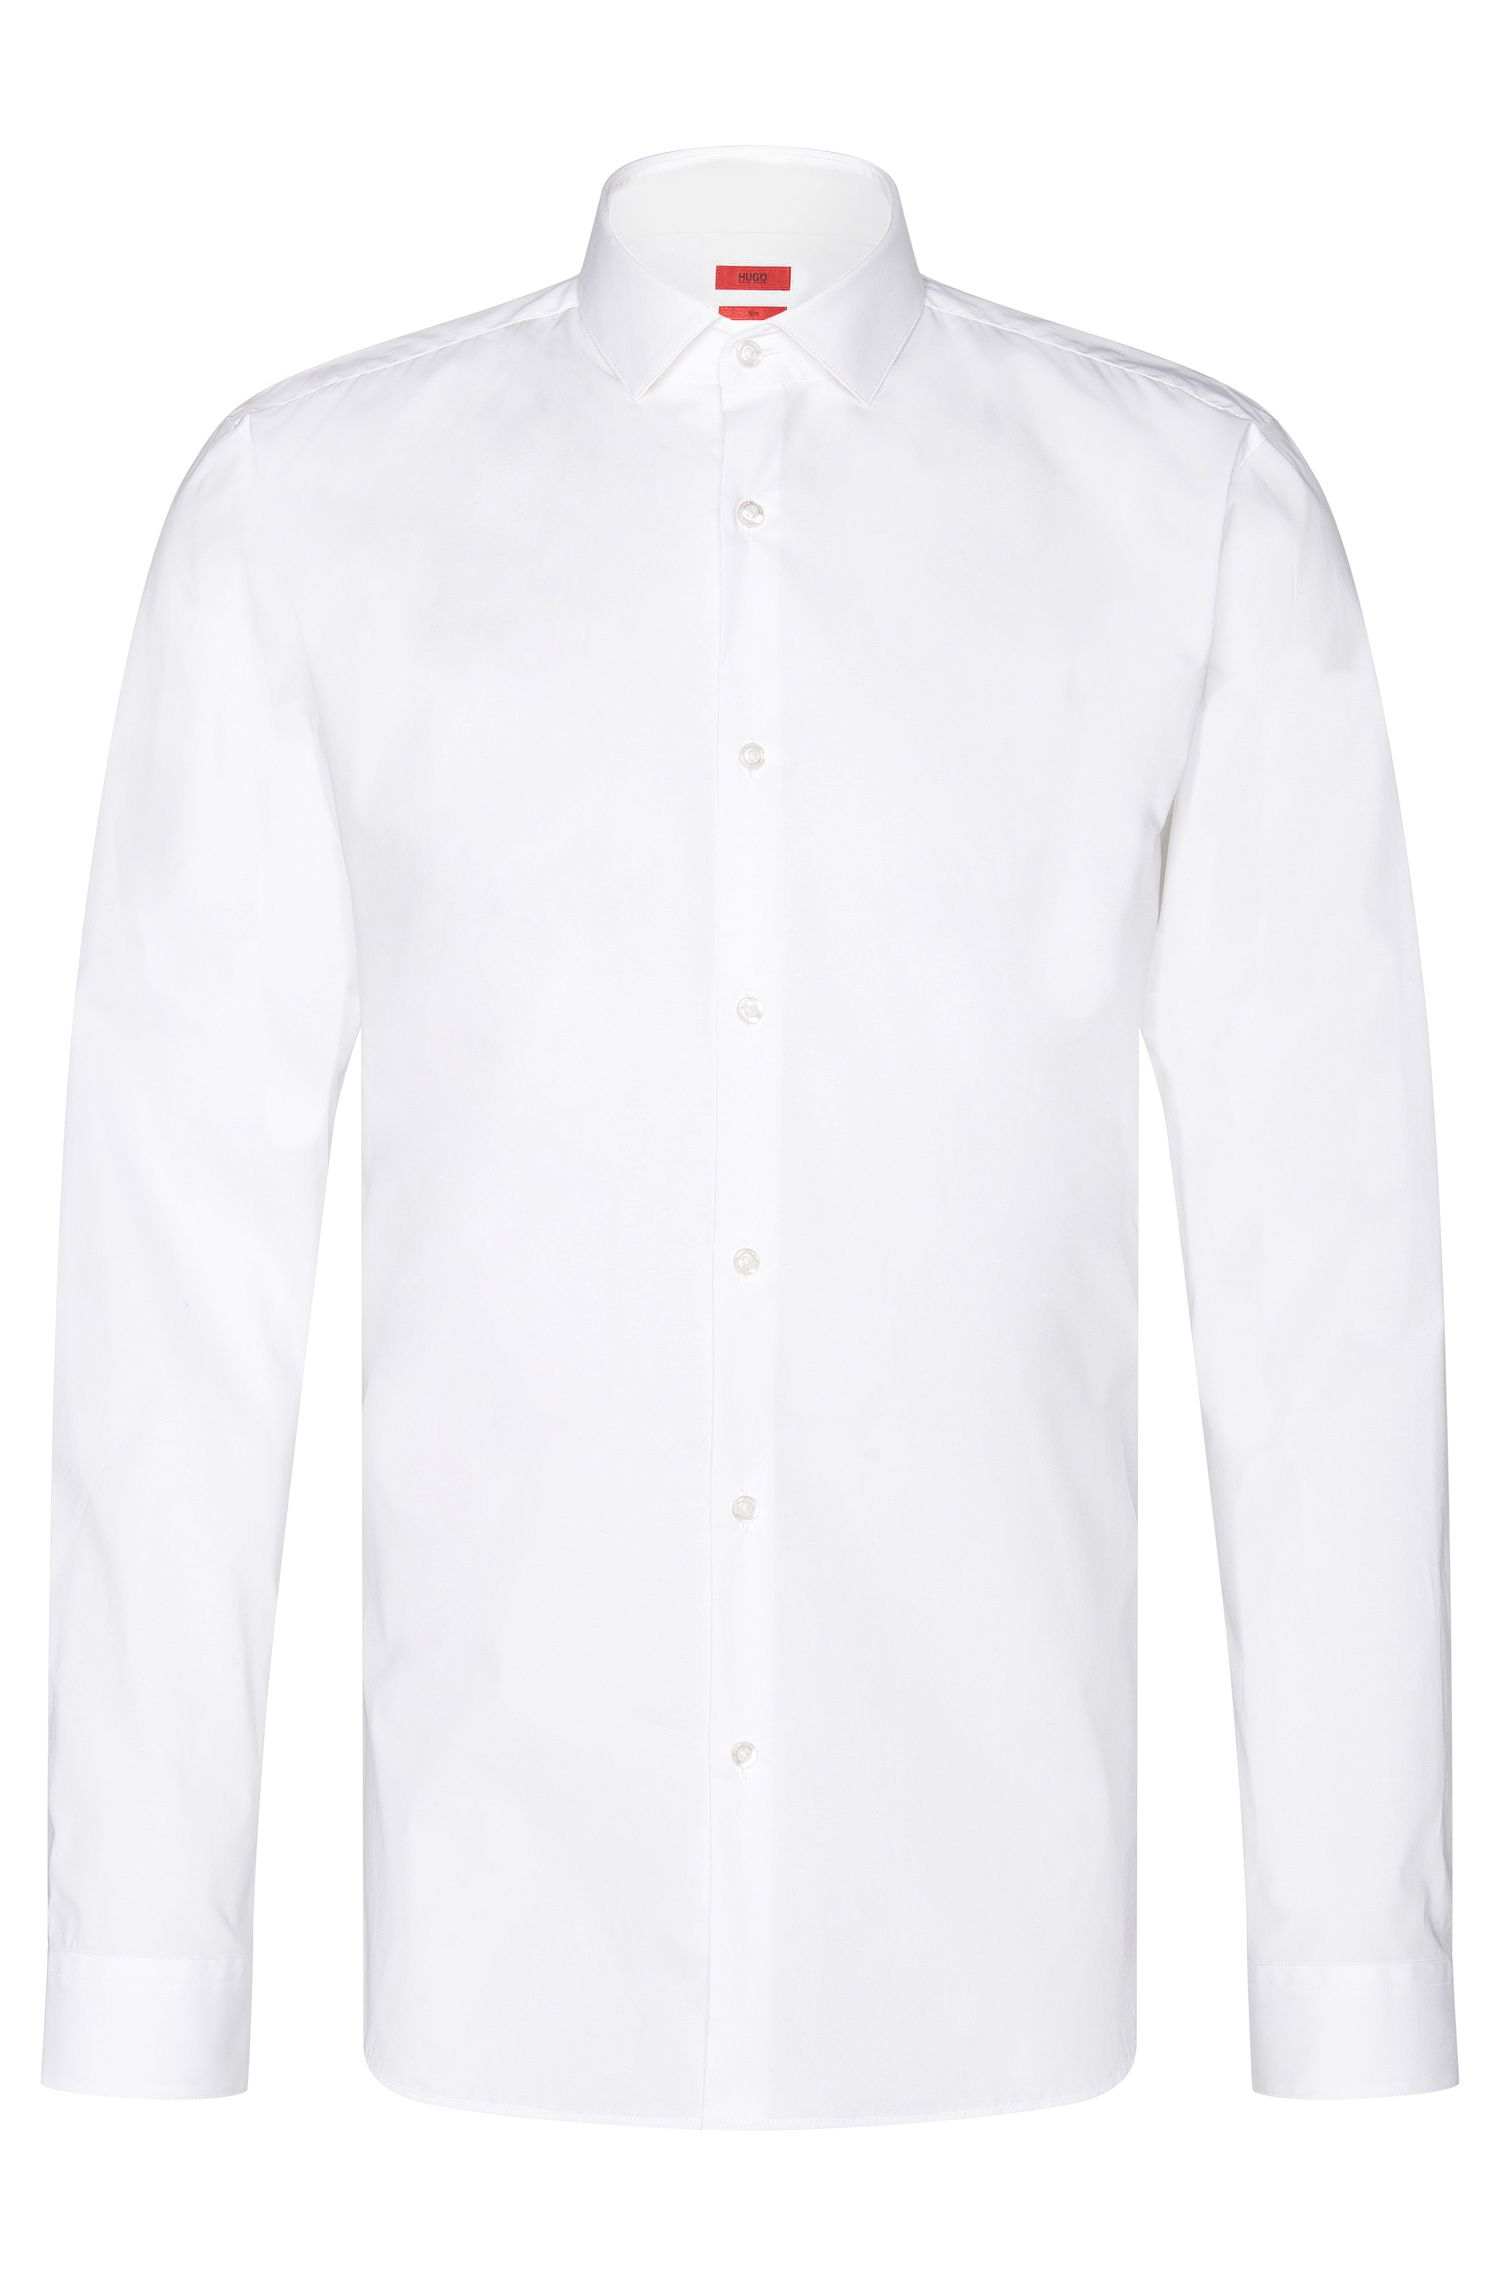 Unifarbenes Slim-Fit Hemd aus Stretch-Baumwolle: 'Erondo'